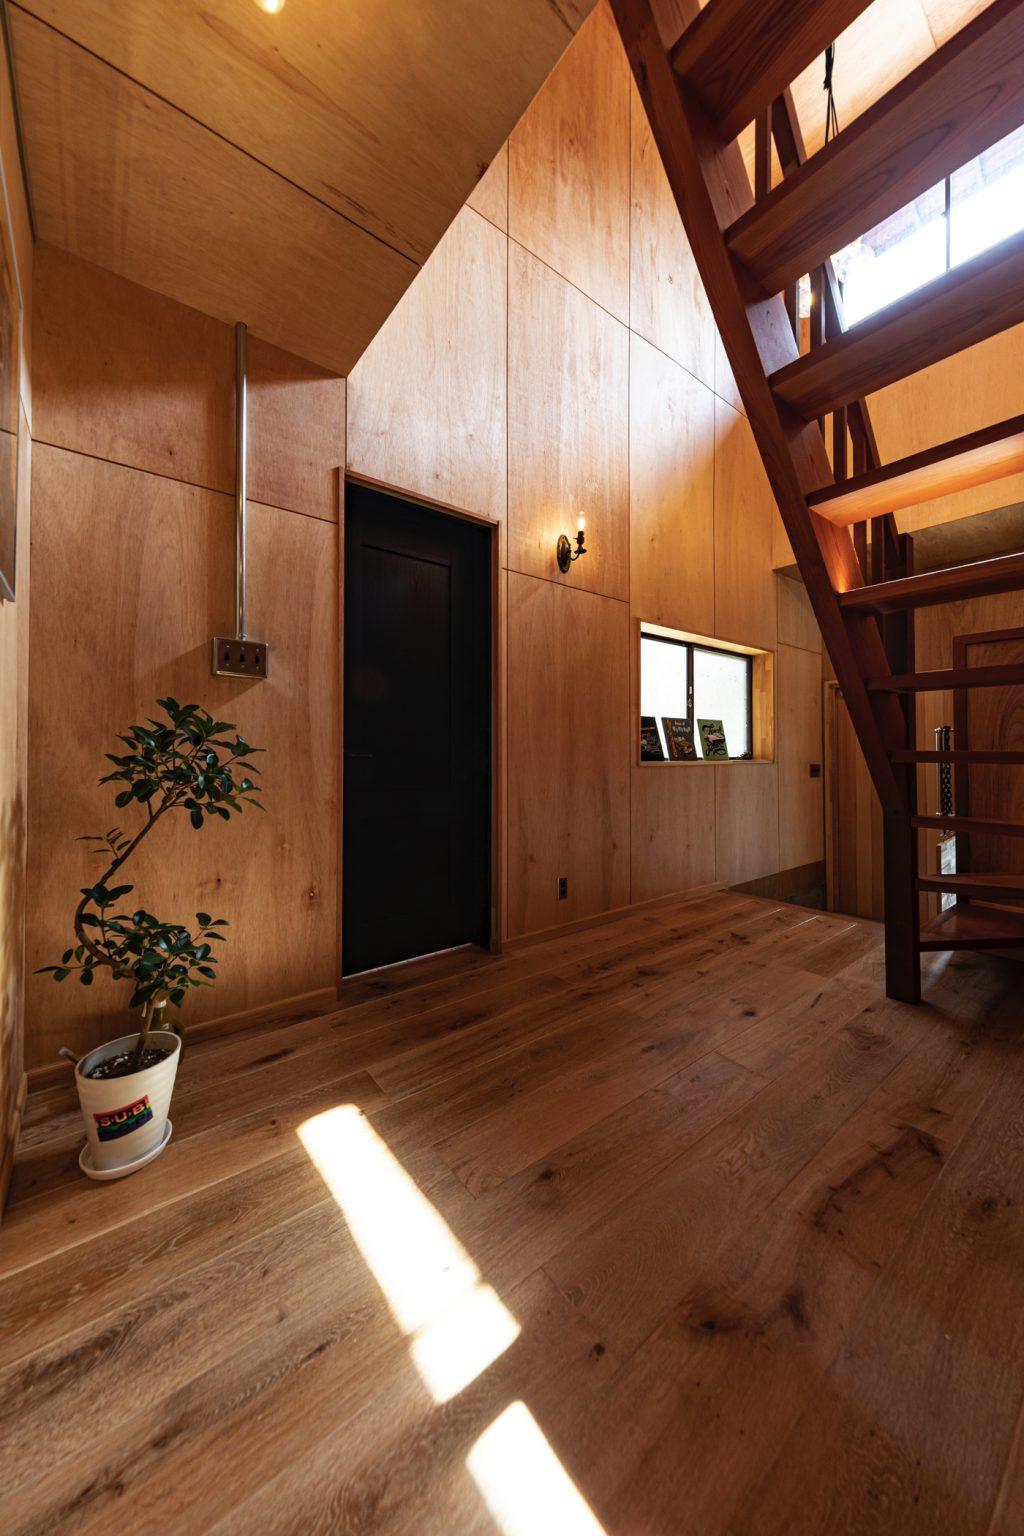 岐阜県土岐市戸建てリノベーション事例の玄関ホールのラワン合板貼り